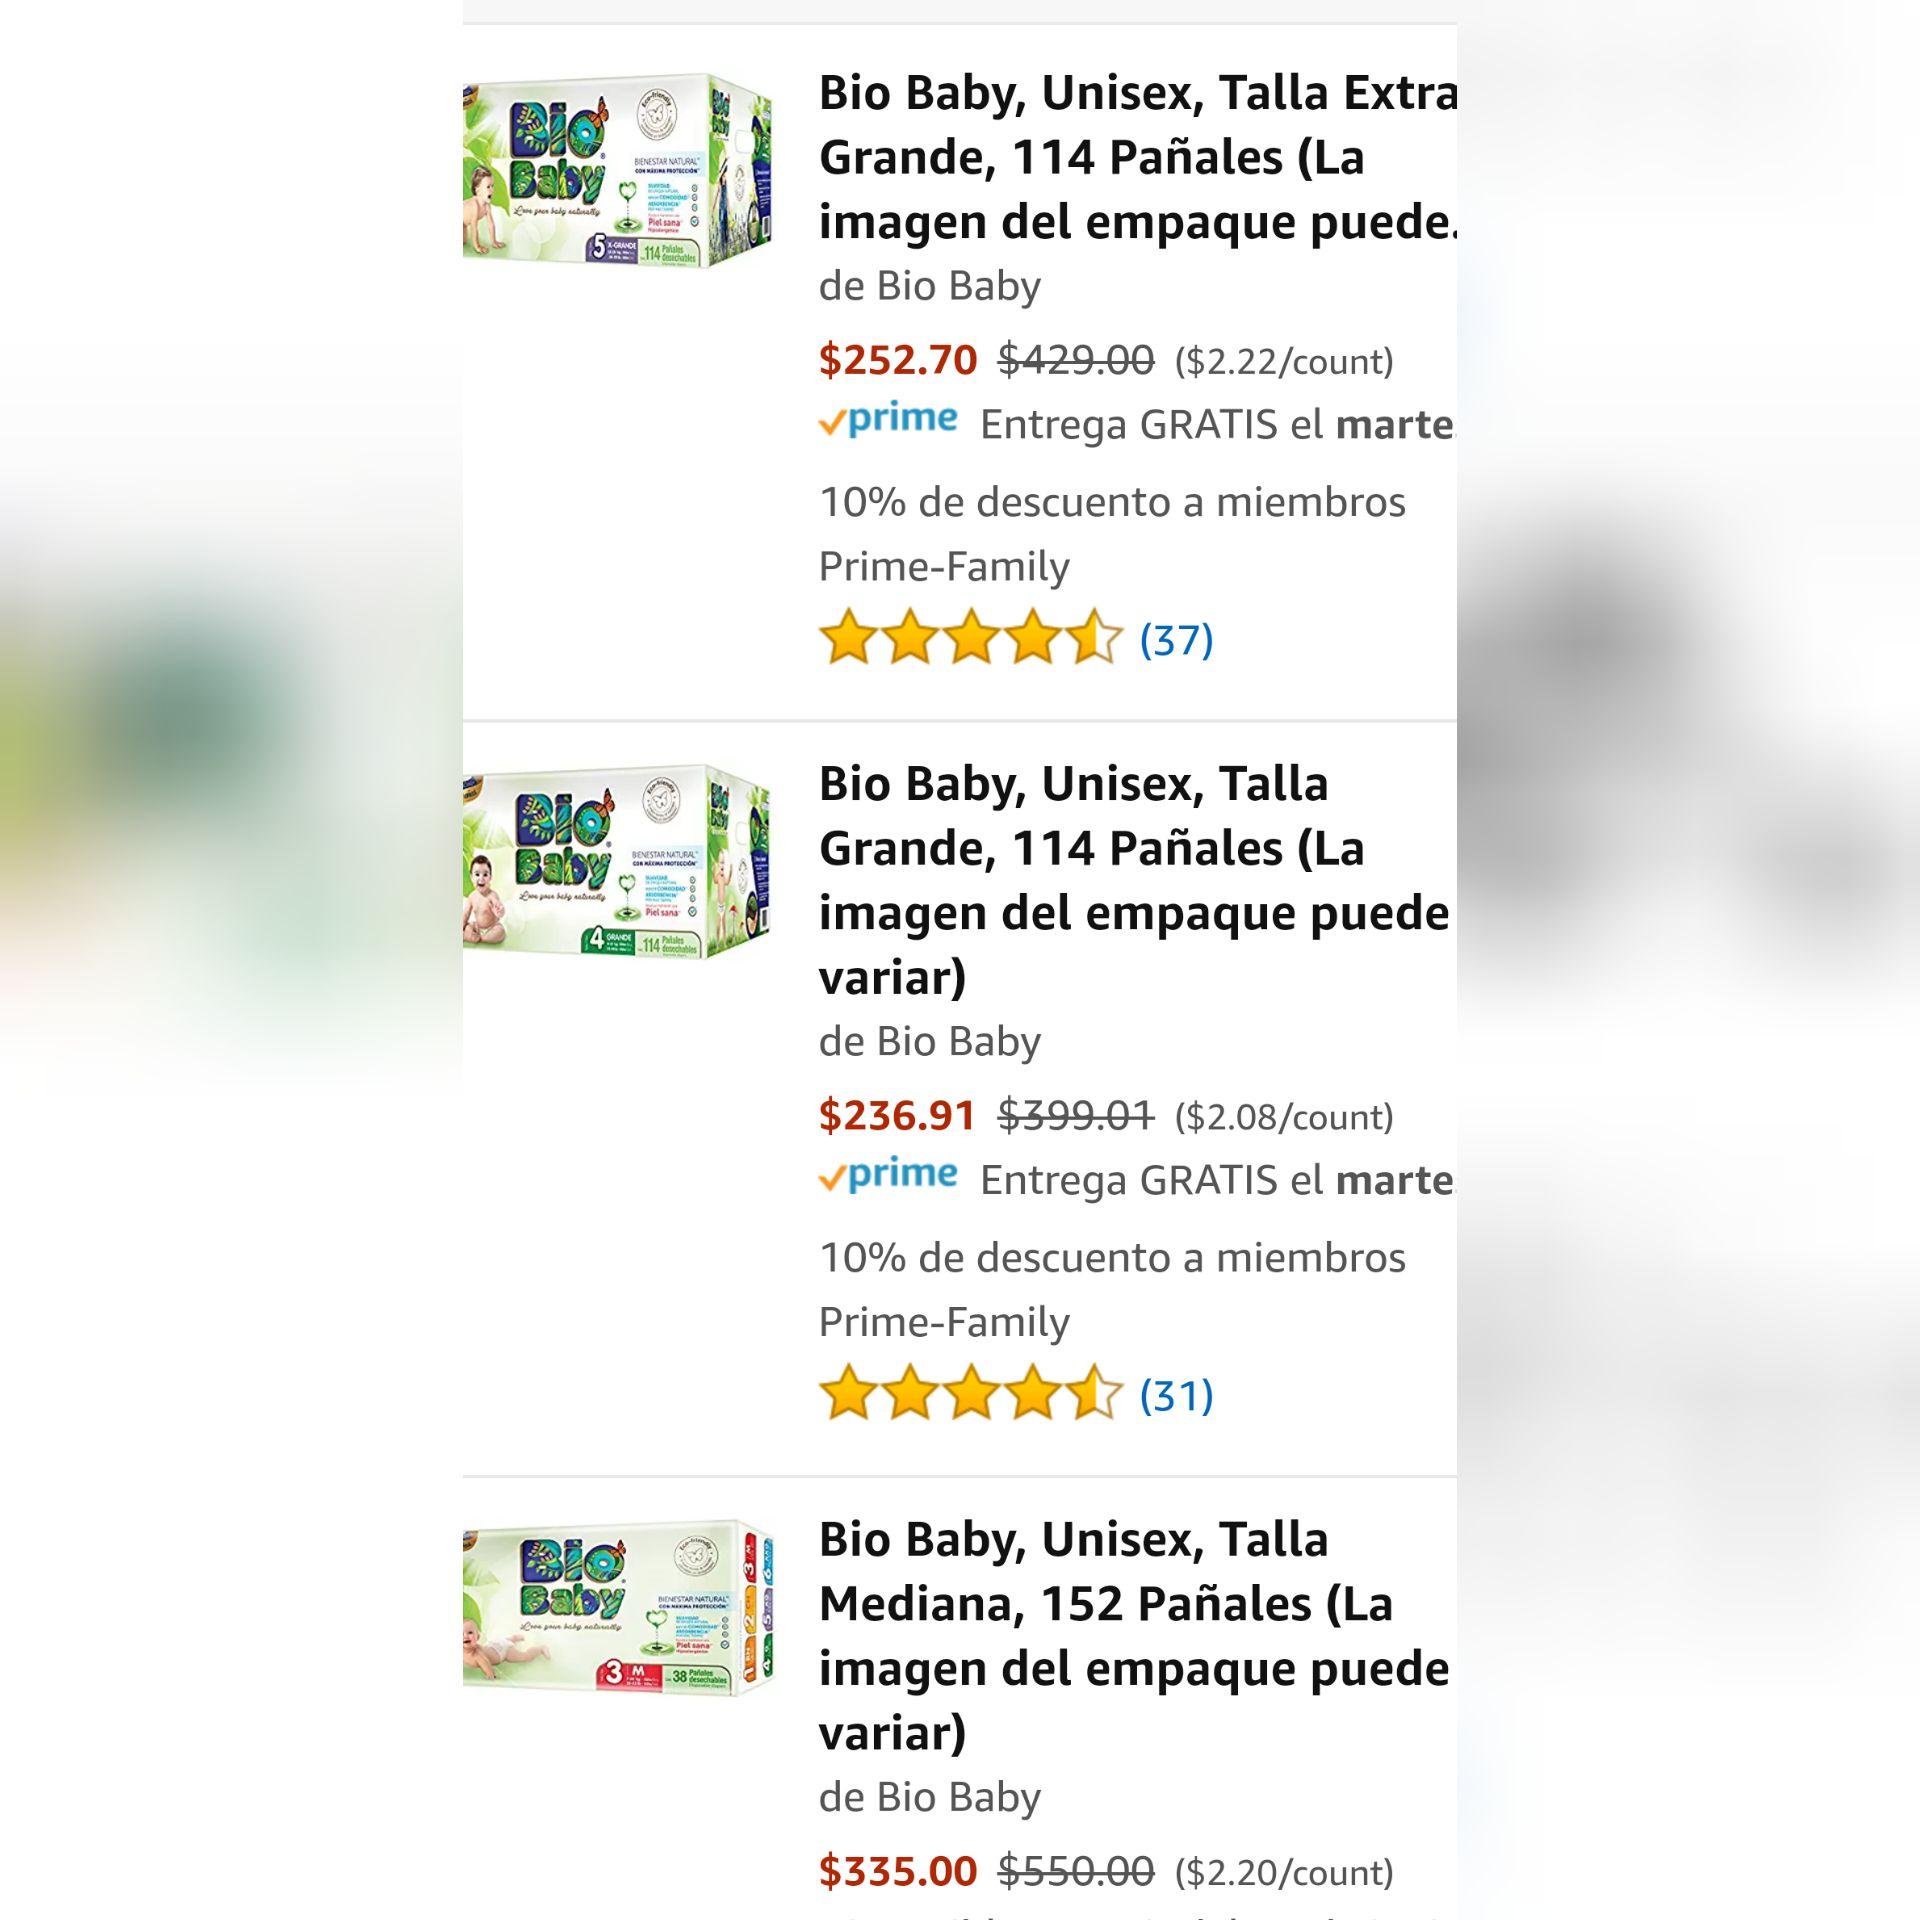 Hot Sale 2018 en Amazon: Pañales Bio Baby etapa 5,4,3 descuento